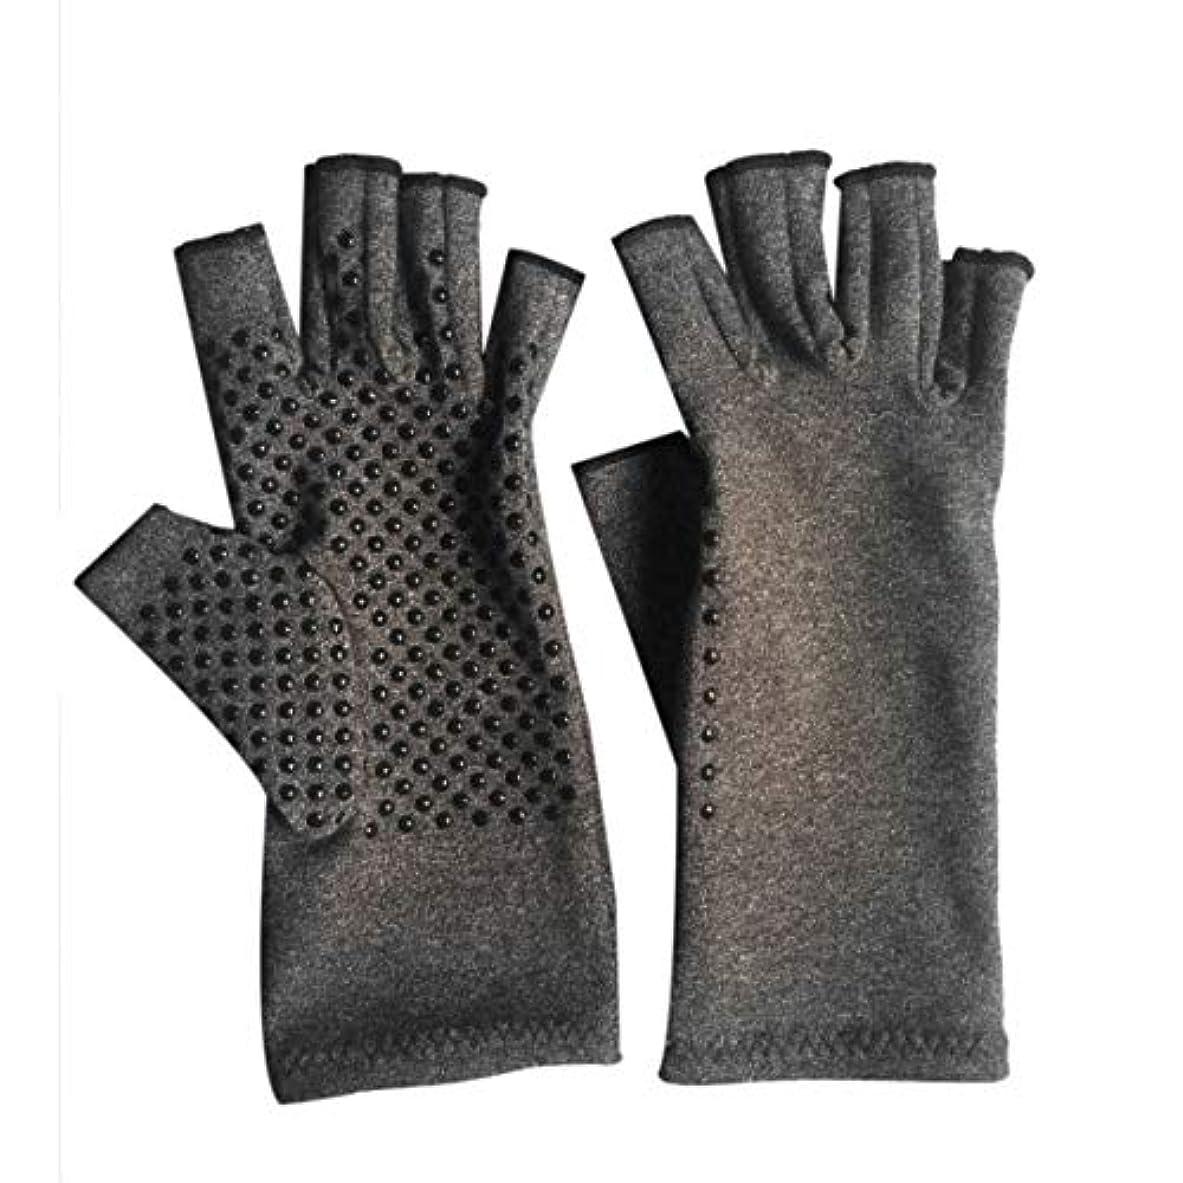 ダブル思慮のない霧深い1ペアユニセックス男性女性療法圧縮手袋関節炎関節痛緩和ヘルスケア半指手袋トレーニング手袋 - グレーM